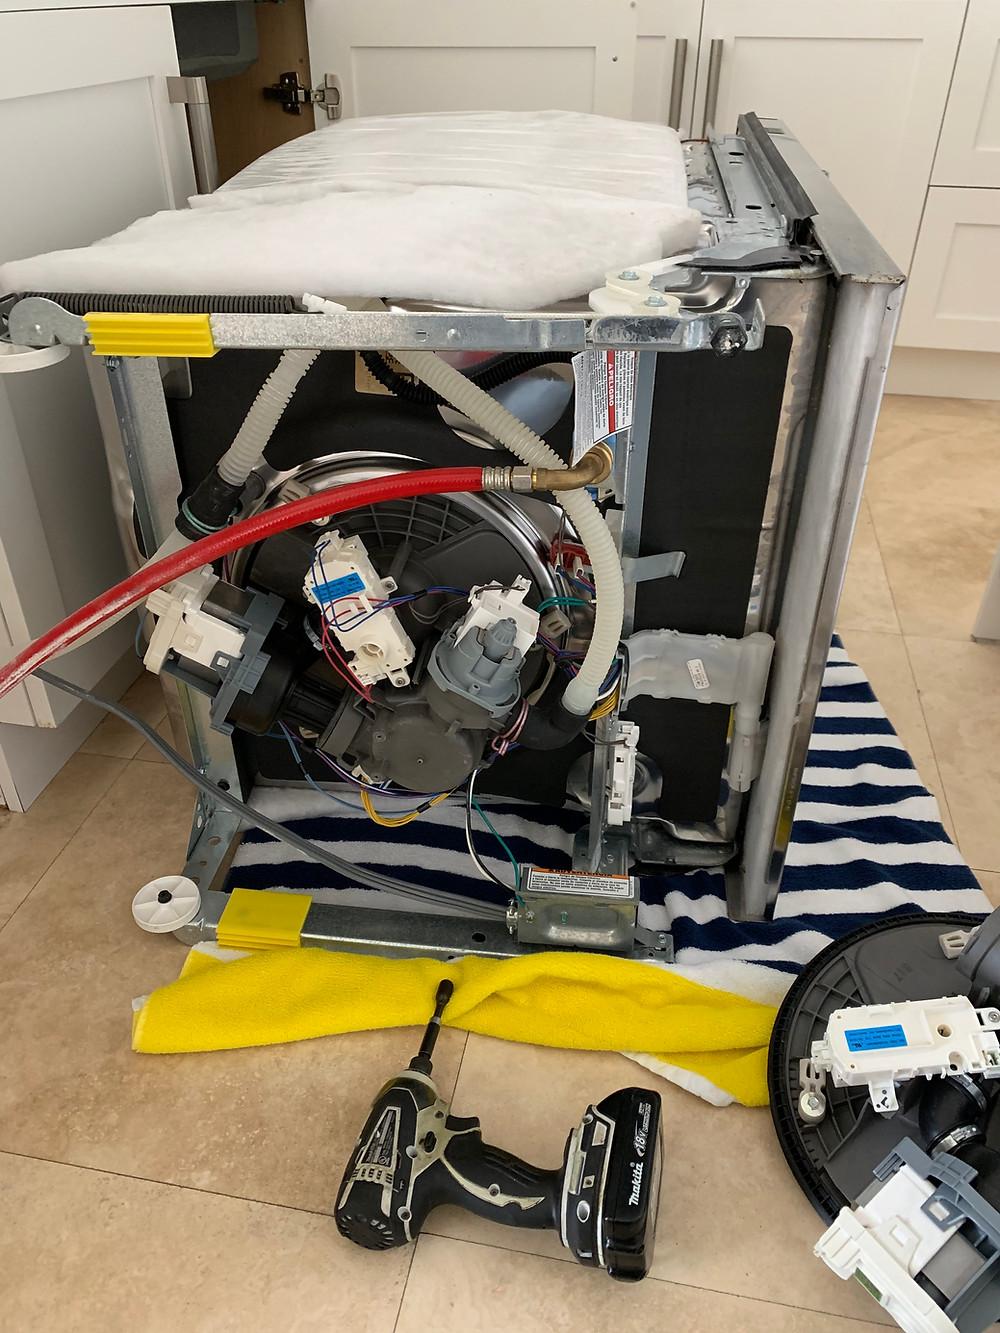 Appliance Repair Service | Broward County | Appliance Repair Dania Beach